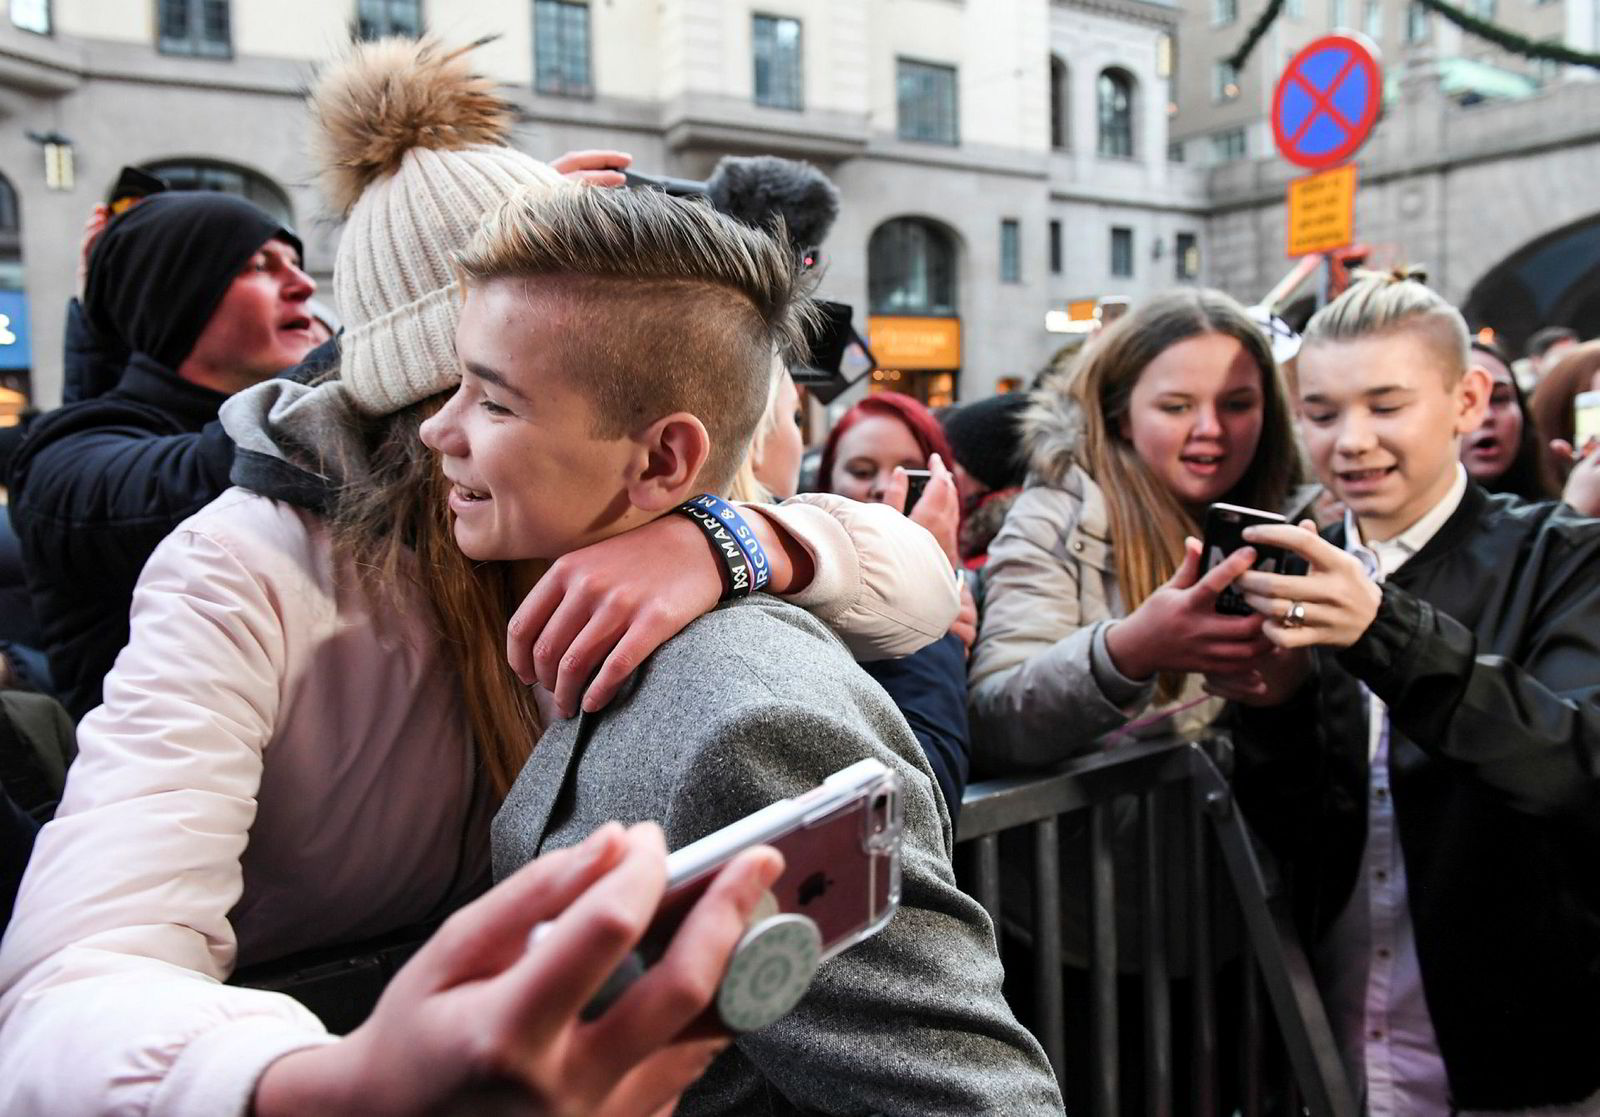 Artisttvillingene Marcus og Martinus Gunnarsen (16) tok seg tid til fansen da de lanserte «Sammen om drømmen» i Stockholm i januar i fjor.